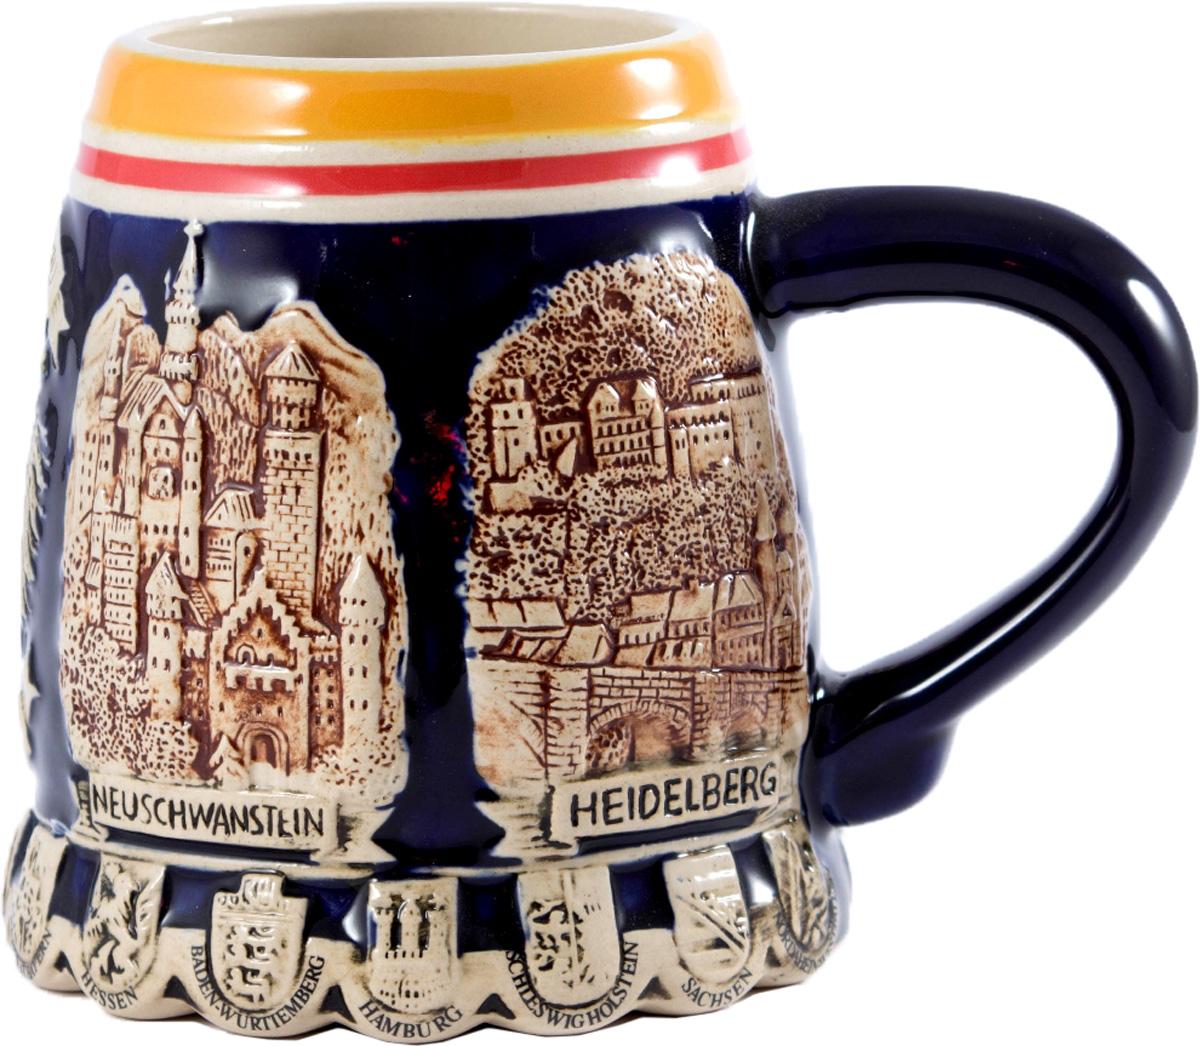 Кружка пивная коллекционная Burger Берлин, 650 мл. 114493114493Коллекционная пивная кружка BURGER Берлин из высококачественной керамики станет прекрасным подарком для любителей хмельных напитков.